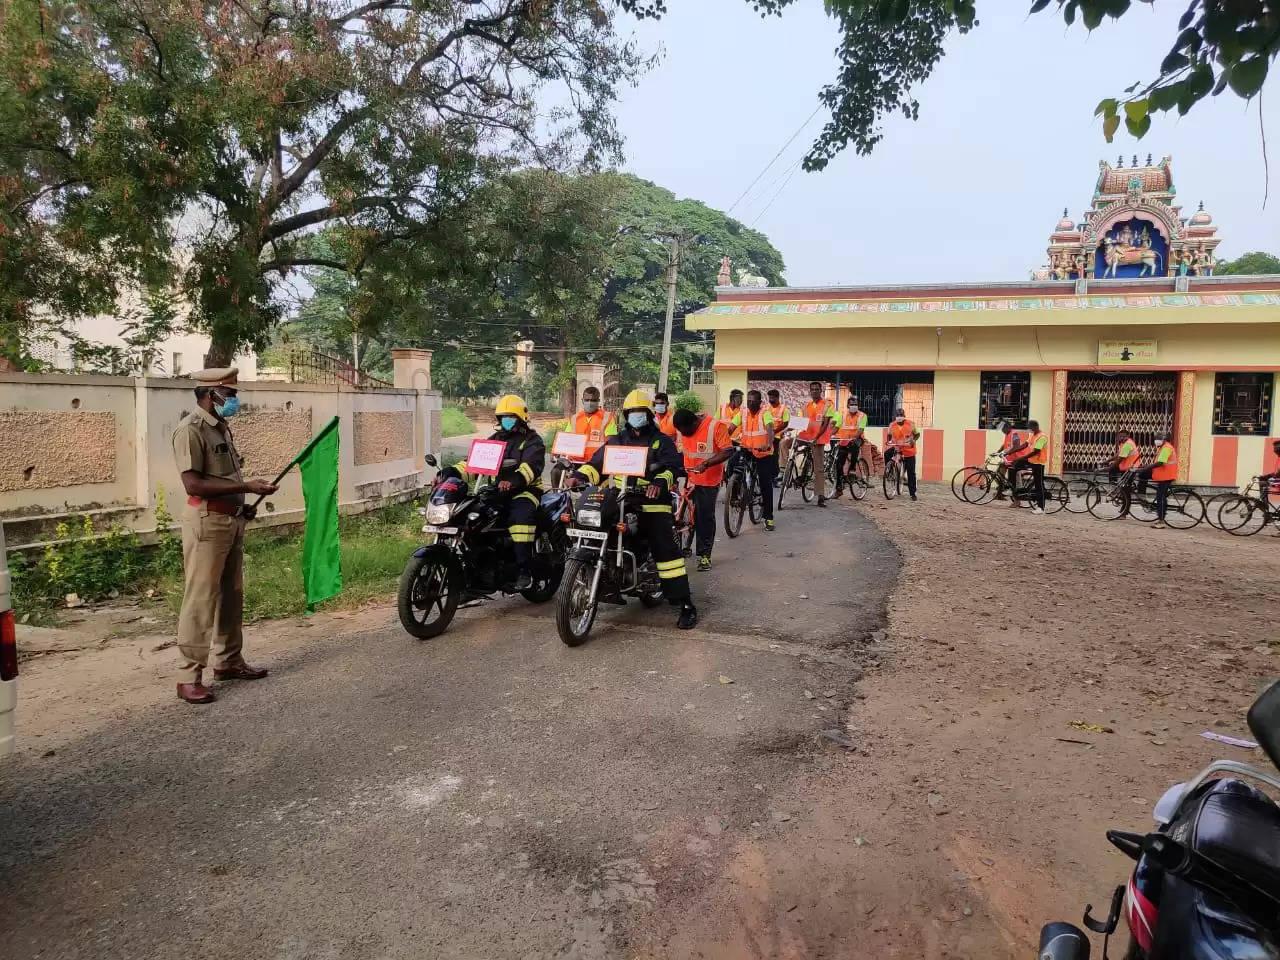 தீயணைப்புத்துறை சார்பில் கொரோனா விழிப்புணர்வு சைக்கிள் பேரணி